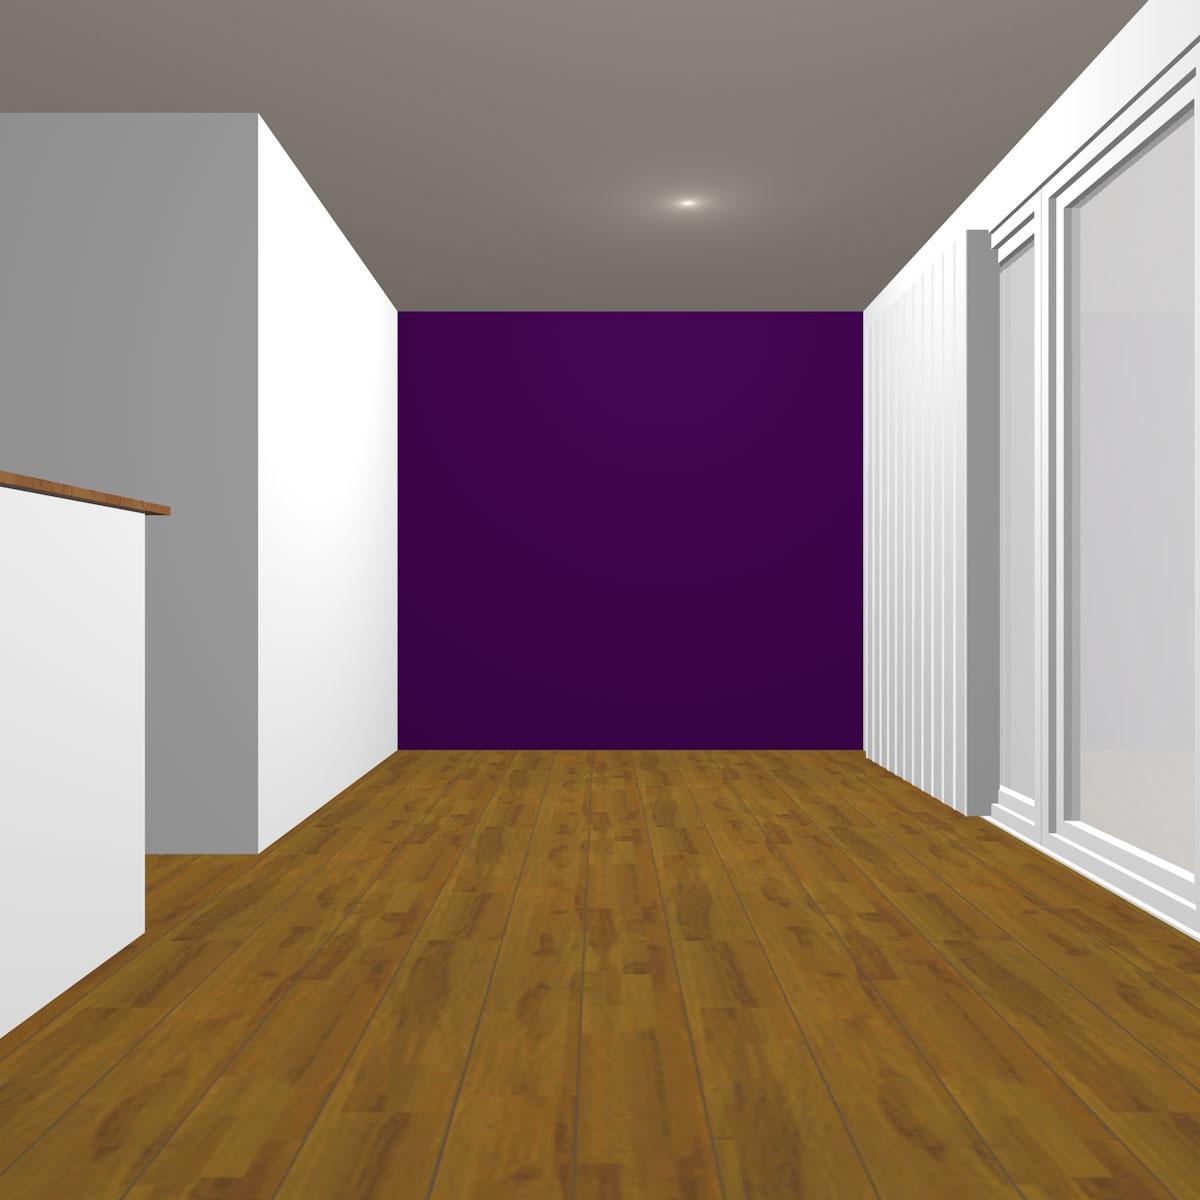 壁紙クロスの色の心理効果と12色の壁紙コーディネート60選 インテリアforce